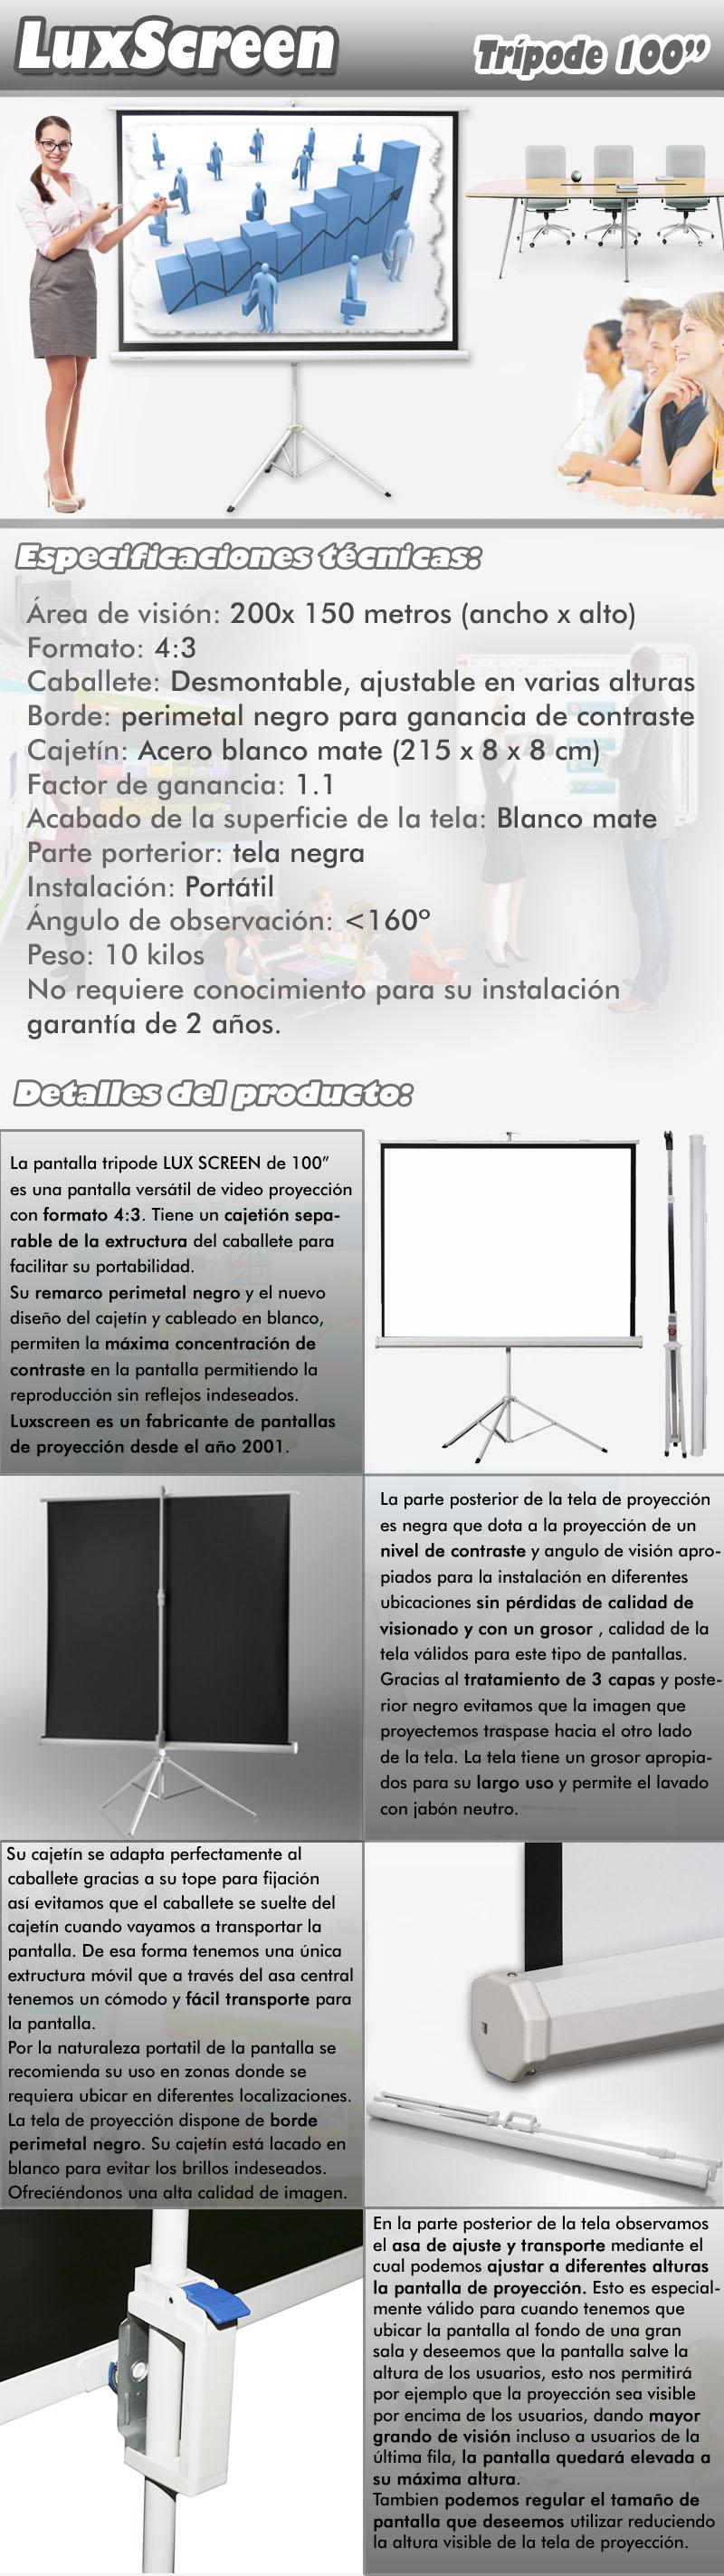 pantalla de tripode 100 pulgadas con unas dimensiones de area activa de 2 metros de ancho por 1,5 metros de alto, se trata de una pantalla con caballete y asa de facil y comodo transporte